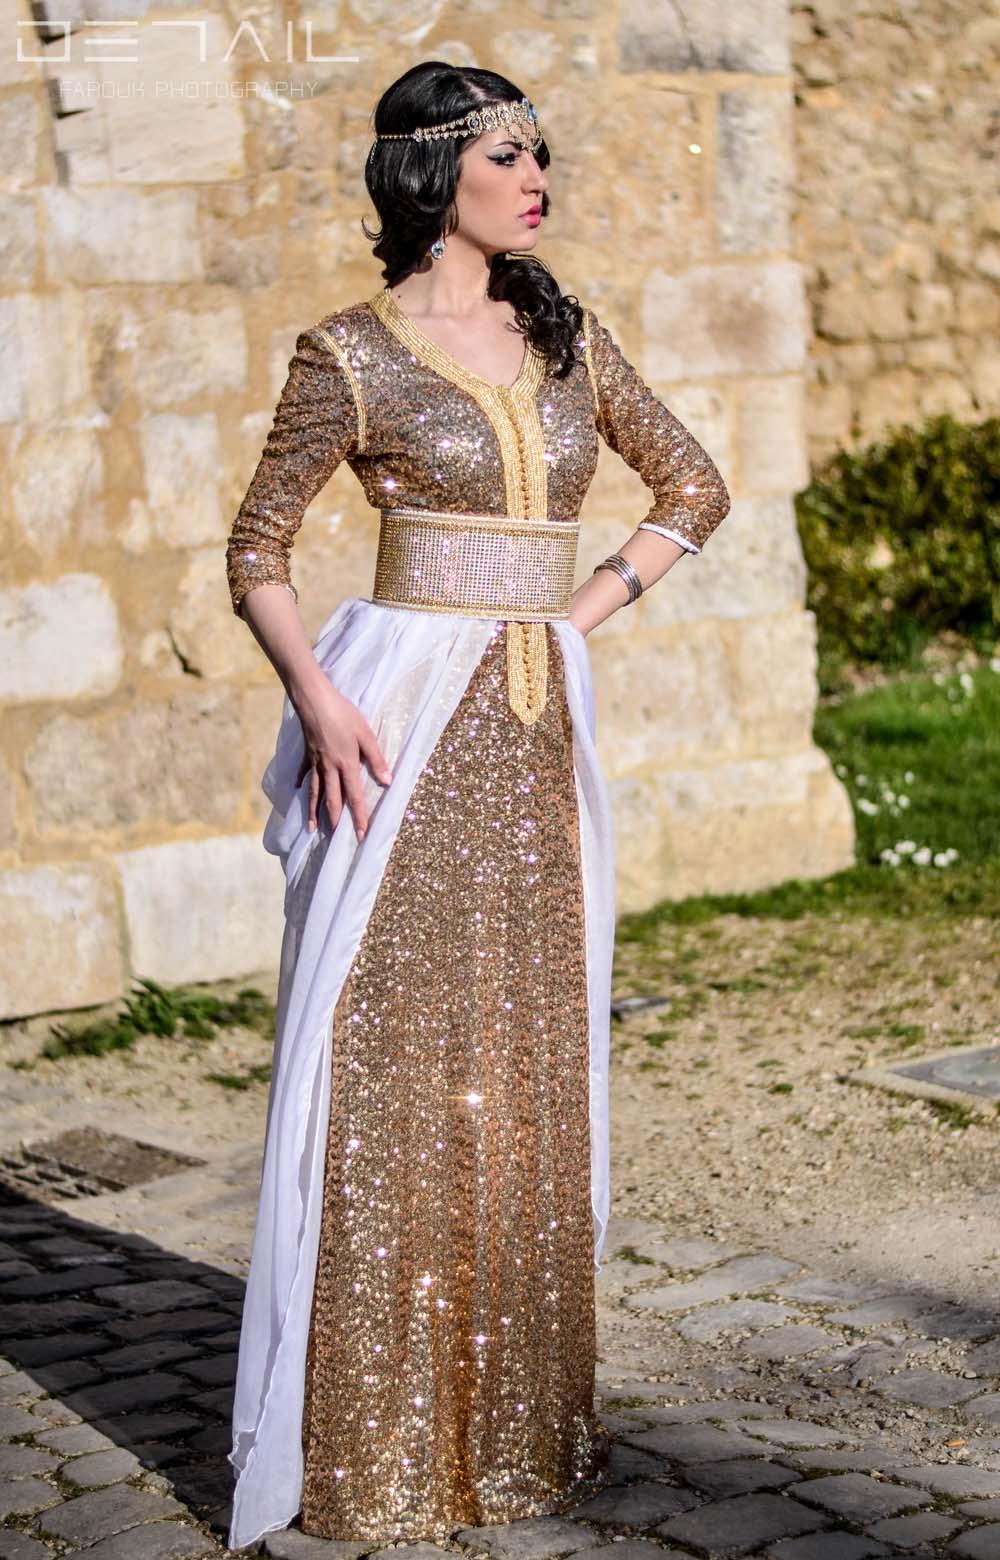 بالصور ملابس جزائرية عصرية , جلباب وفطان وفستان من الجزائر 890 9